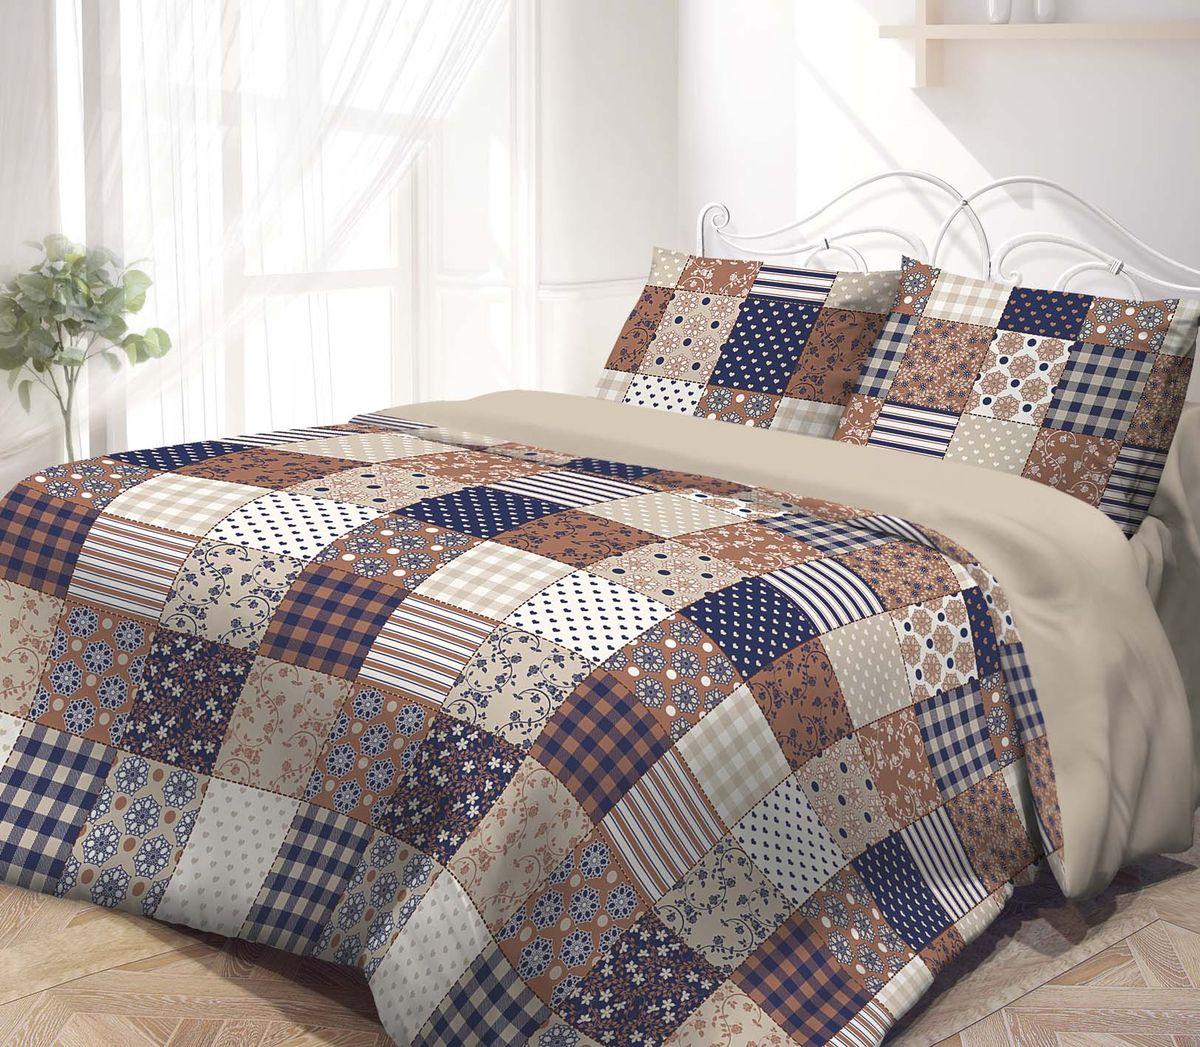 Комплект белья Гармония, 2-спальный, наволочки 50х70, цвет: синий, коричневый333675Комплект постельного белья Гармония является экологически безопасным, так как выполнен из поплина (100% хлопка). Комплект состоит из пододеяльника, простыни и двух наволочек. Постельное белье оформлено орнаментом в клеткуи имеет изысканный внешний вид. Постельное белье Гармония - лучший выбор для современной хозяйки! Его отличают демократичная цена и отличное качество. Поплин мягкий и приятный на ощупь. Кроме того, эта ткань не требует особого ухода, легко стирается и прекрасно держит форму. Высококачественные красители, которые используются при производстве постельного белья, сохраняют свой цвет даже после многочисленных стирок.